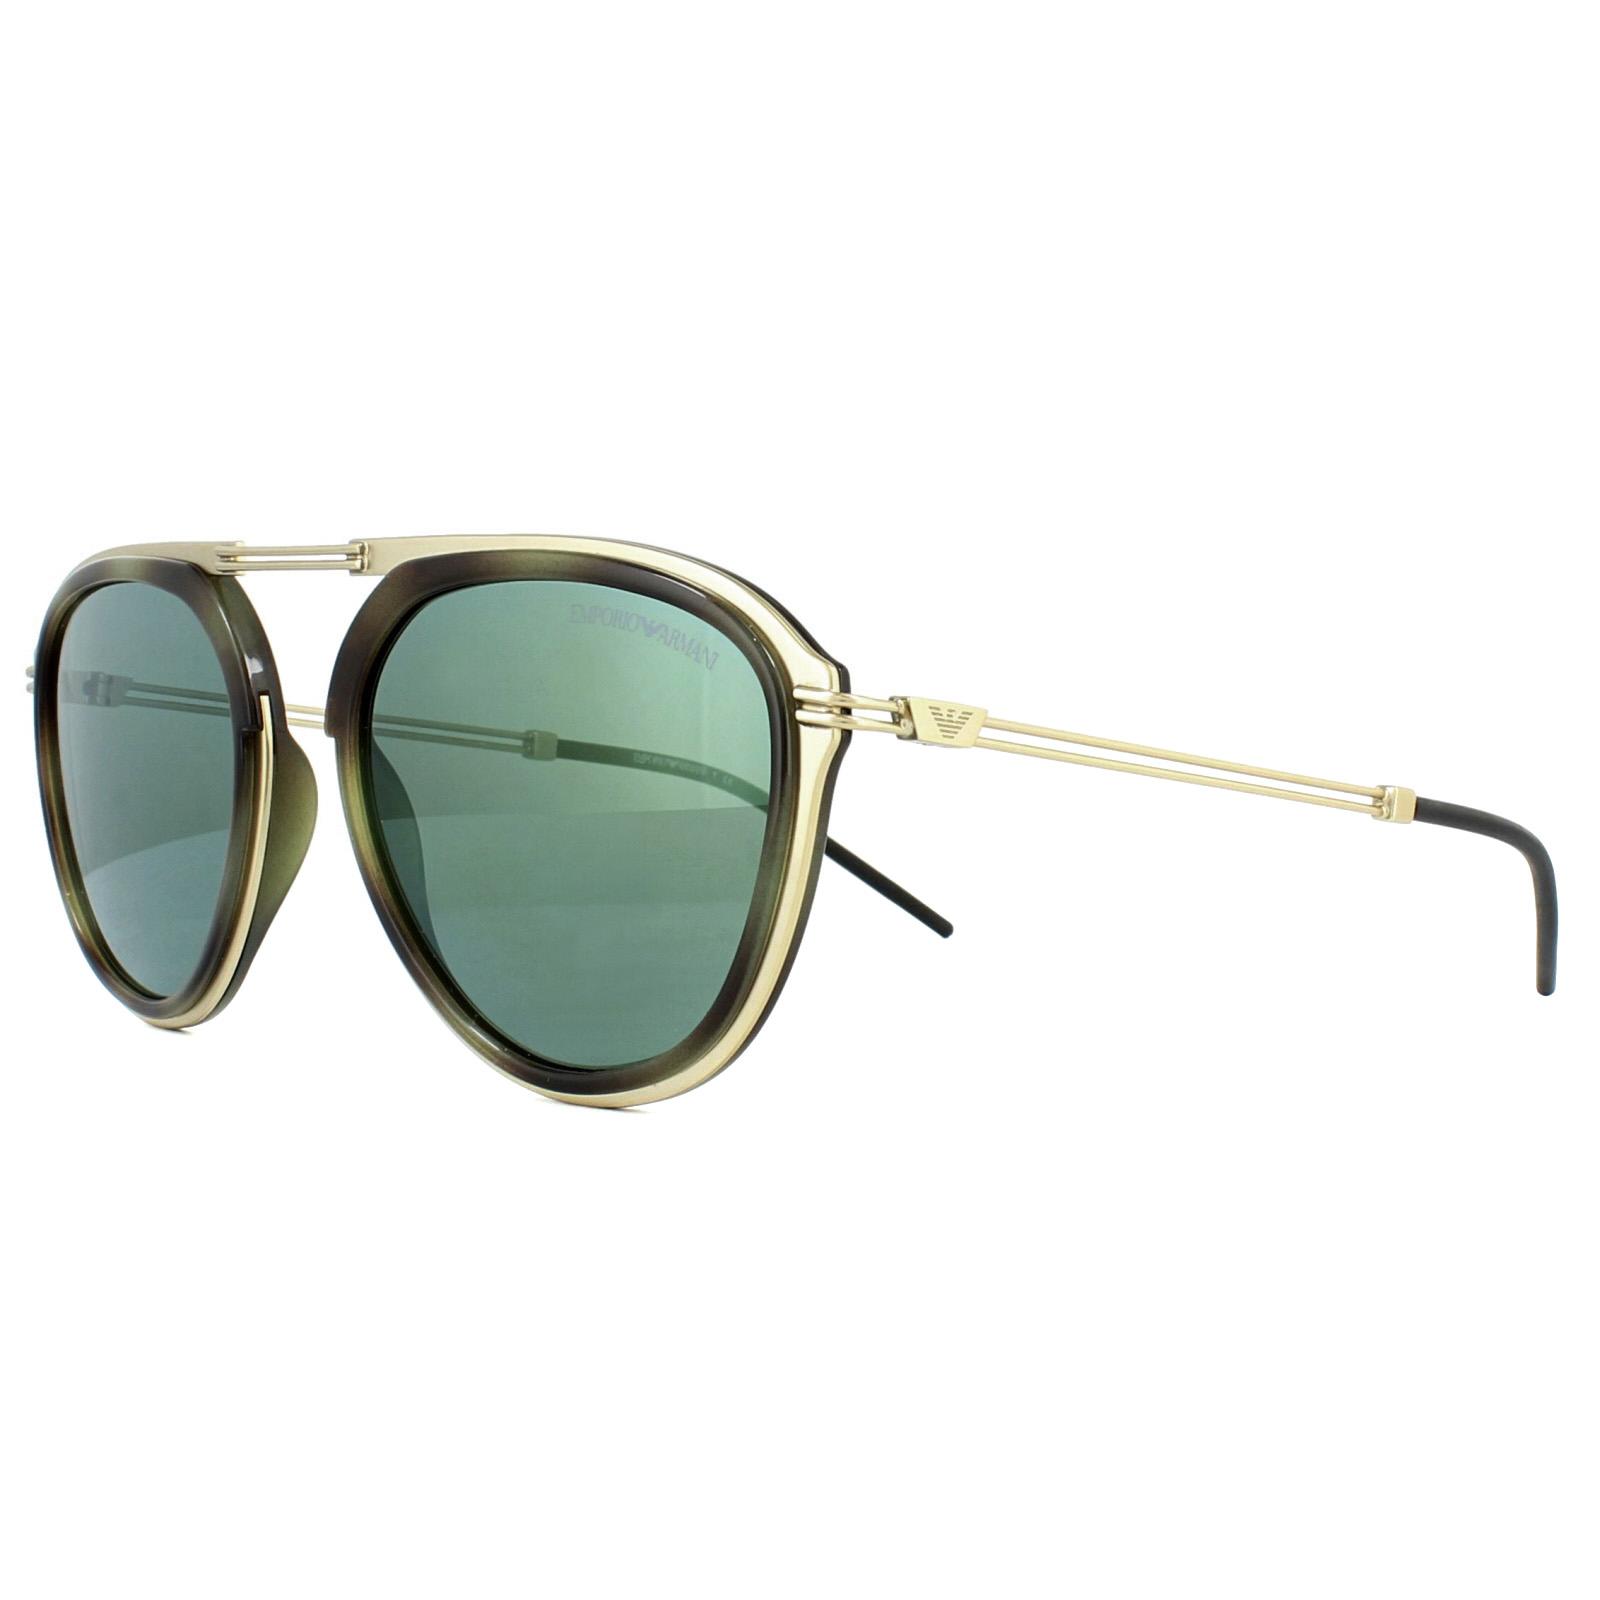 470917a06ba4 CENTINELA Emporio Armani gafas de sol 2056 30026R pálido mate oro Habana  verde espejo